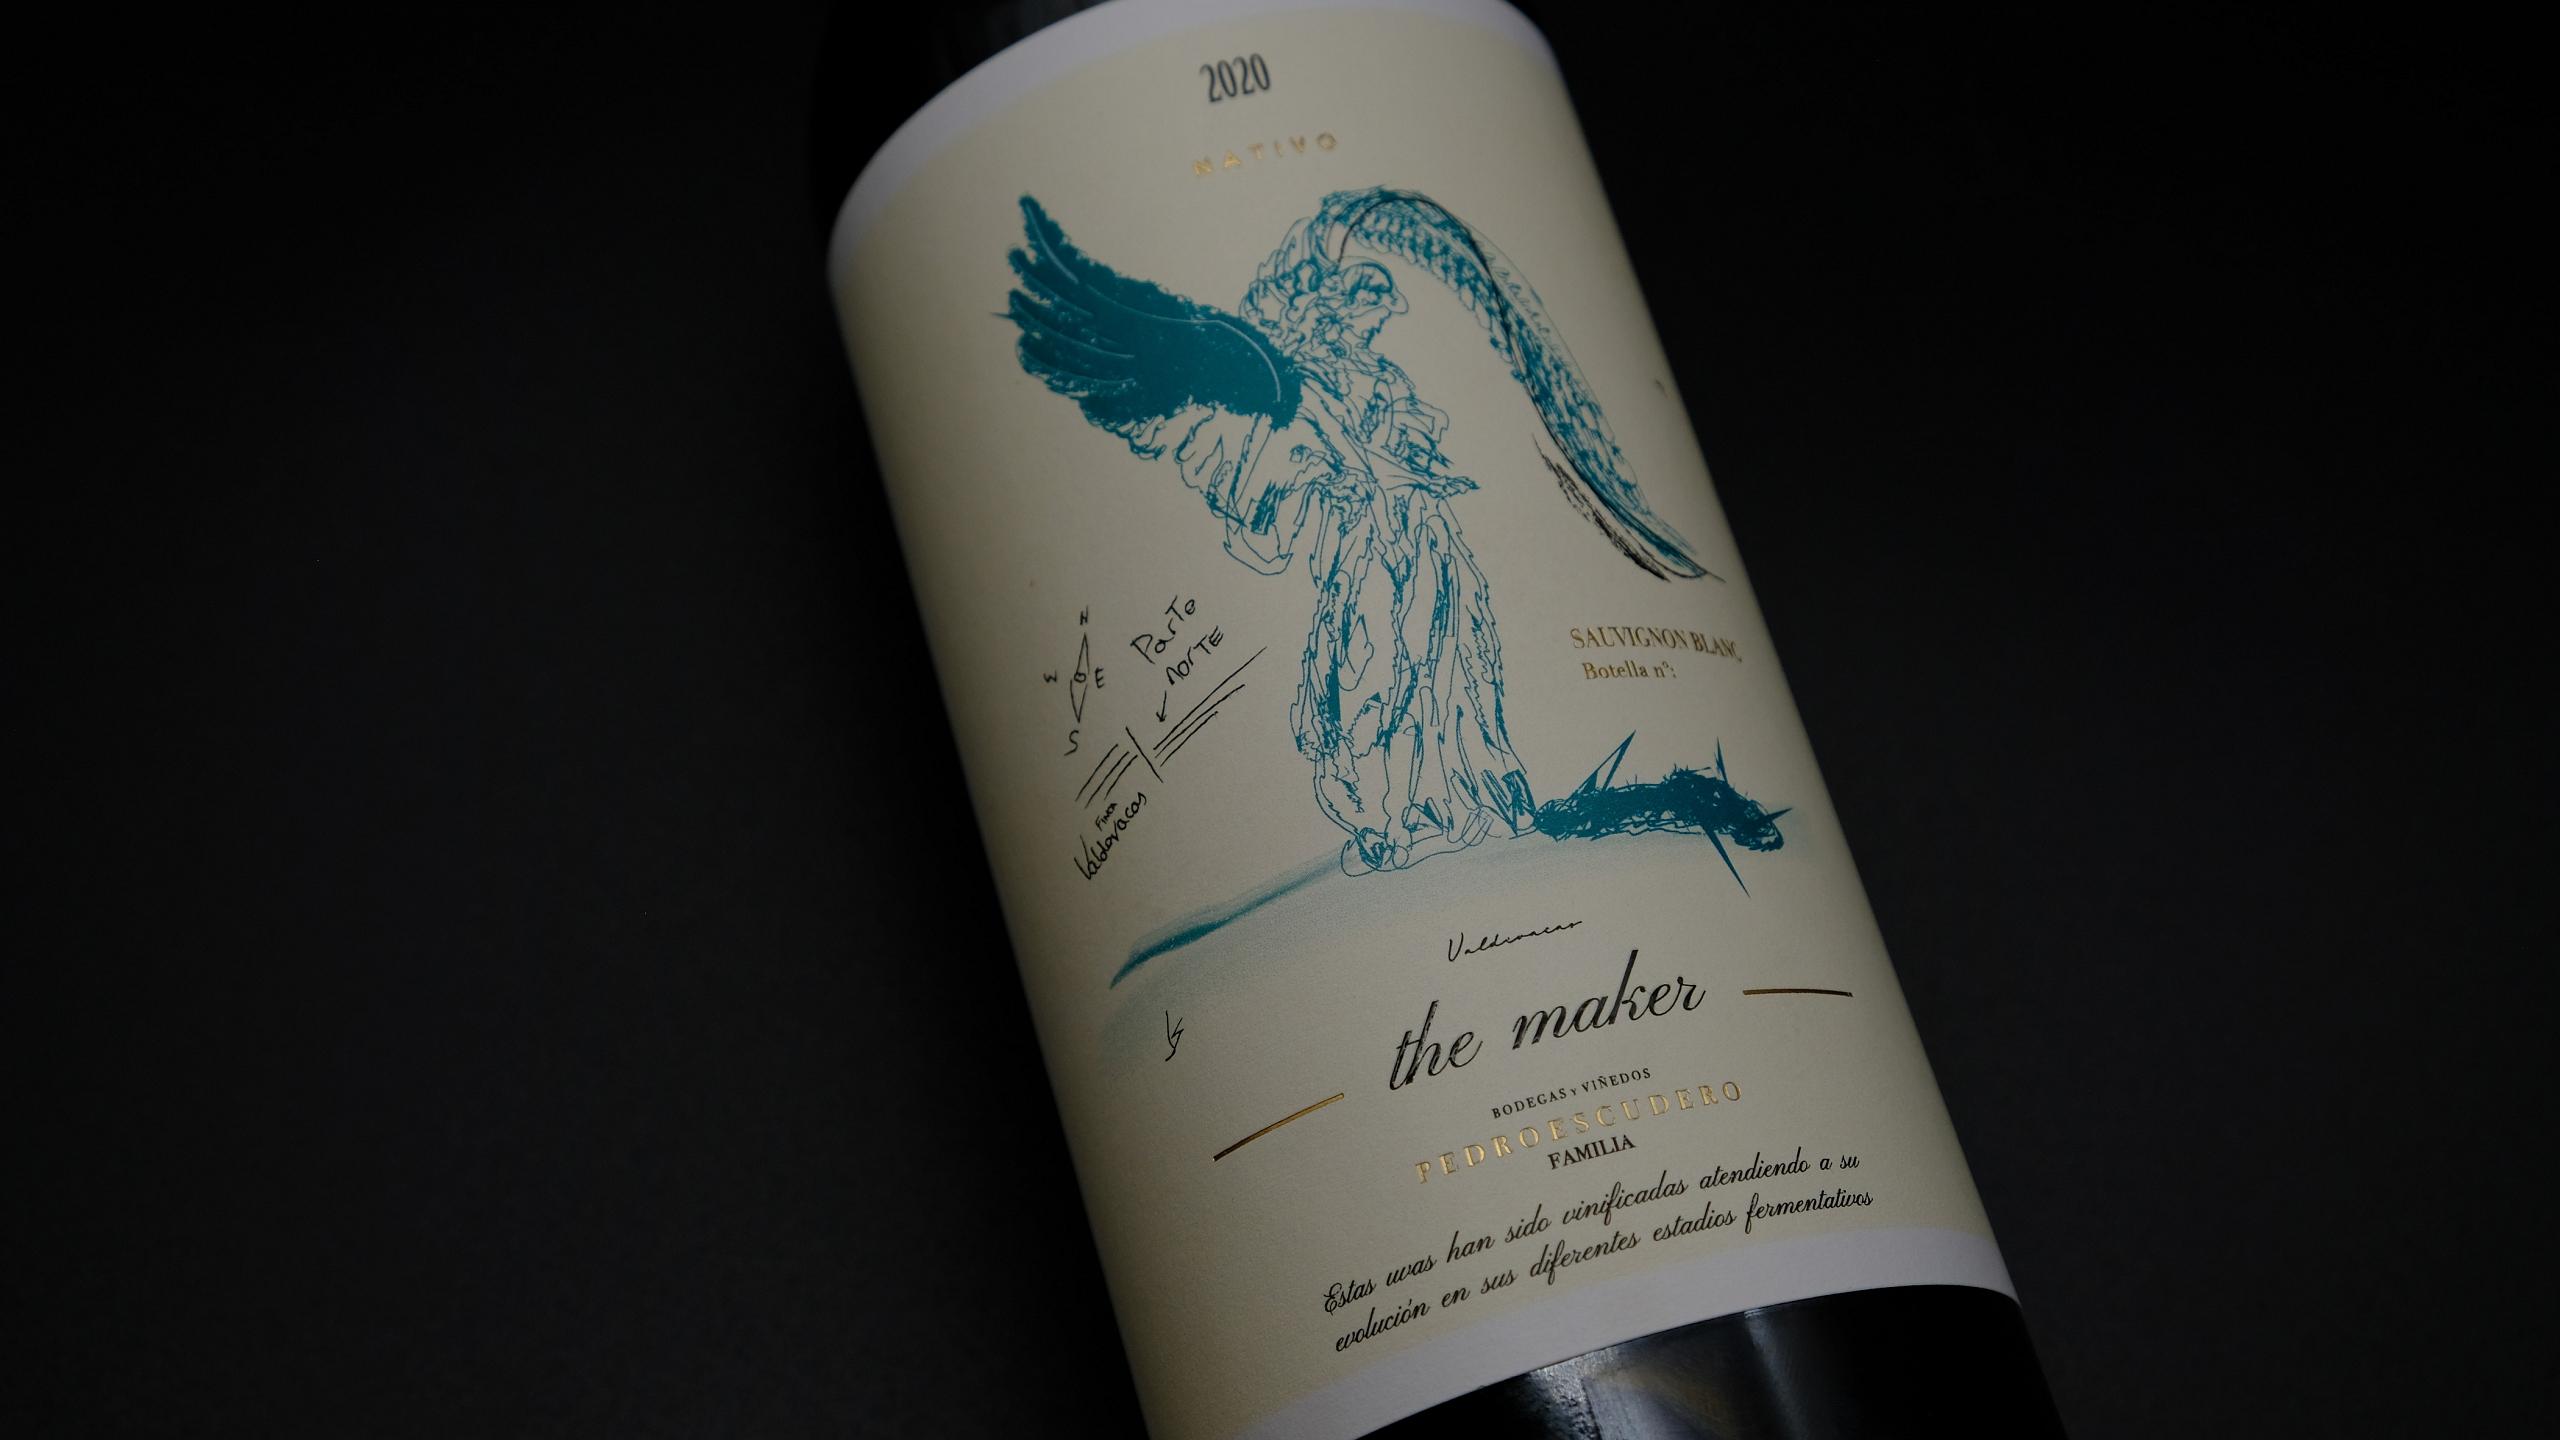 -The Maker- Sauvignon Blanc Continua la Saga